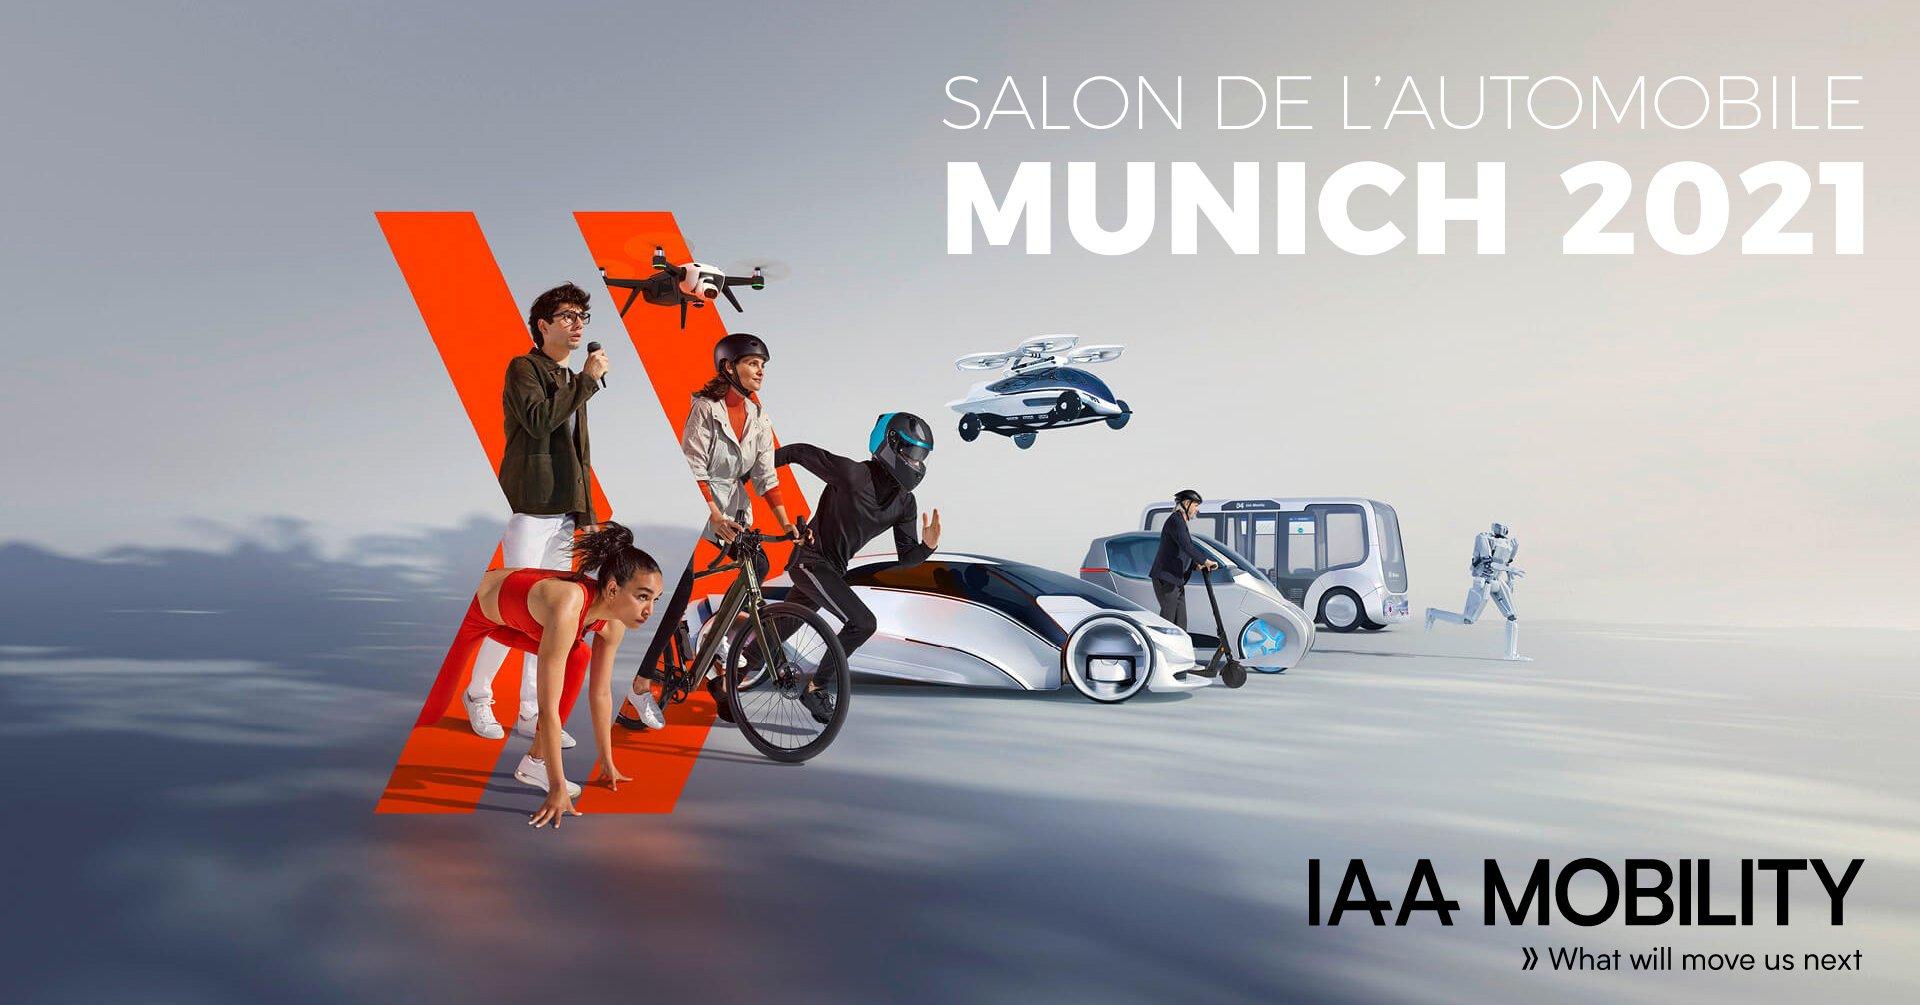 Salon de l'automobile de Munich 2021